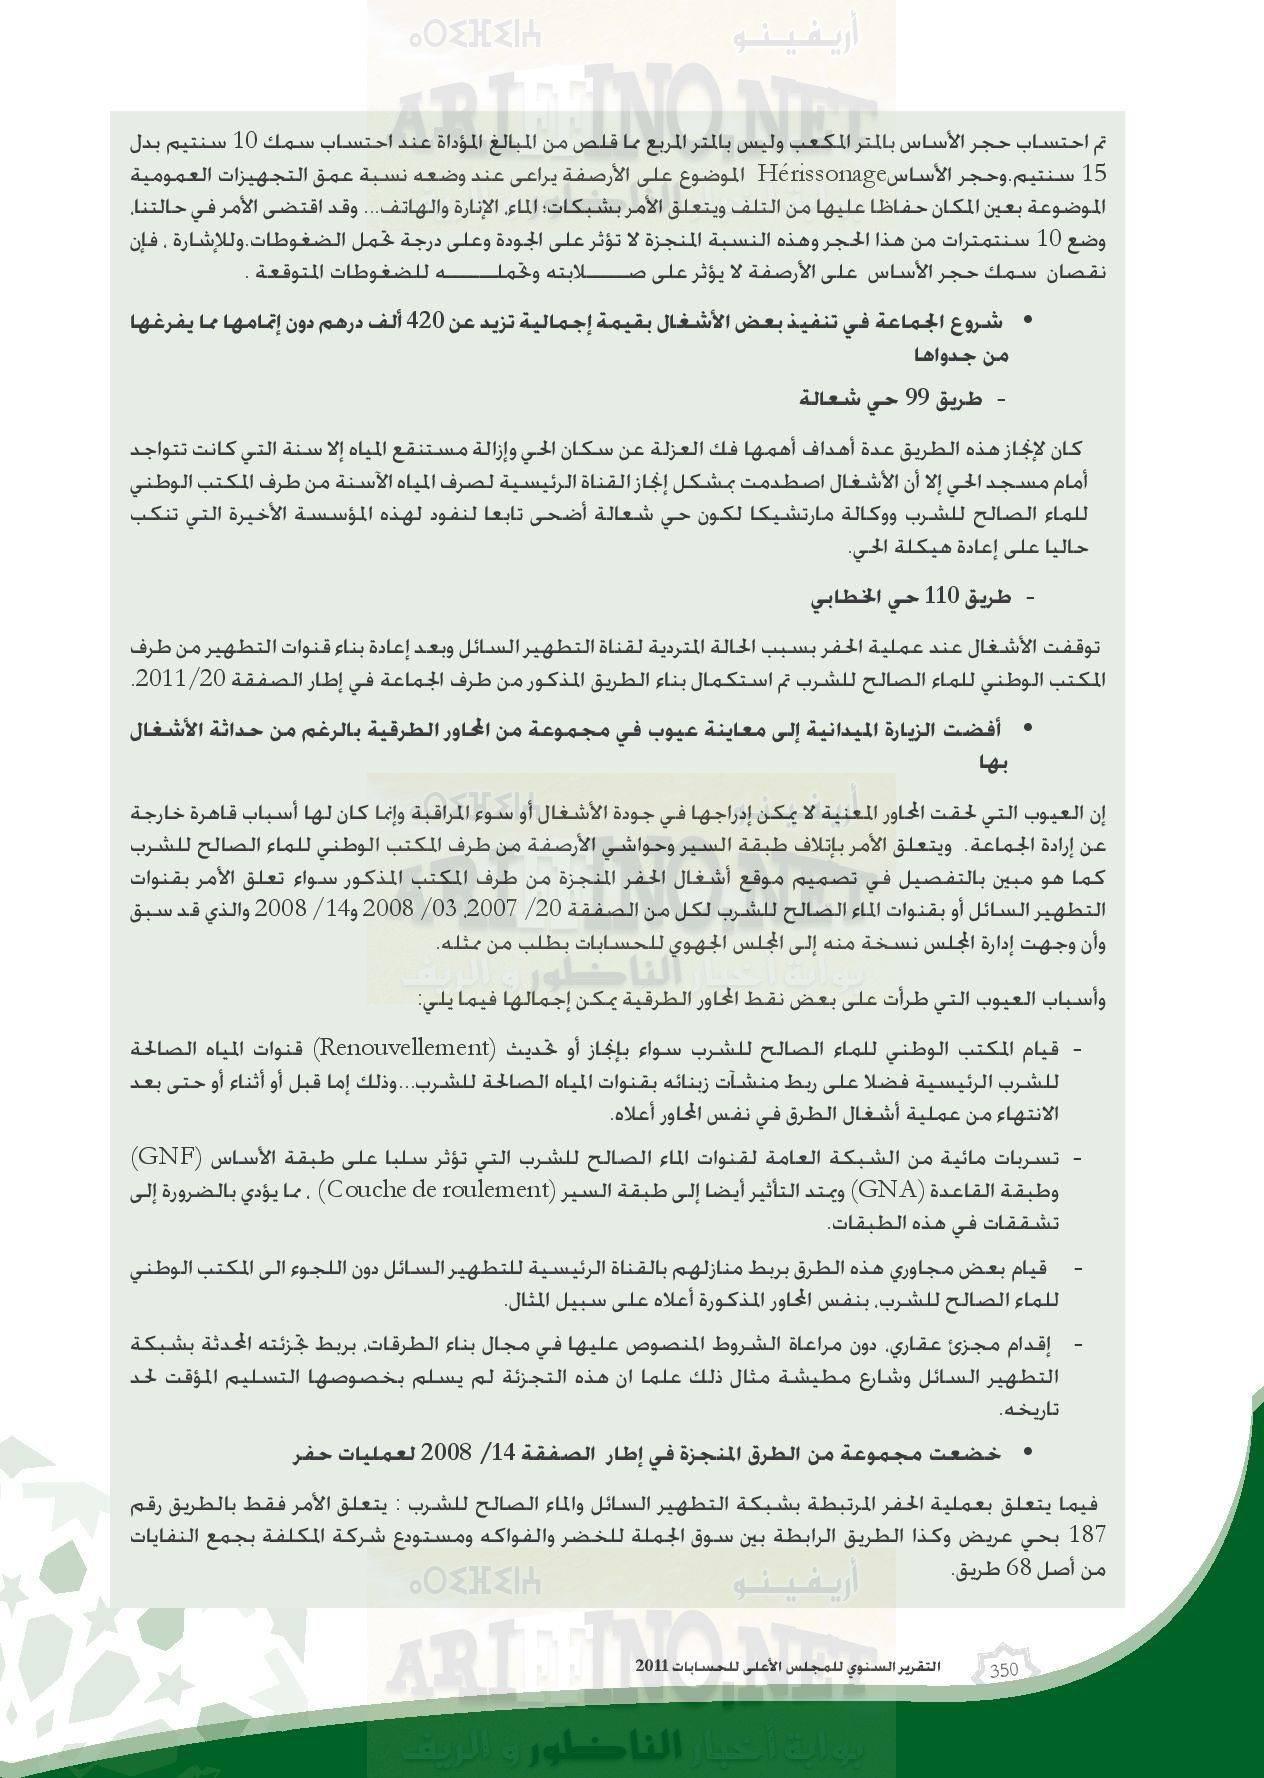 nador_0076 تقرير المجلس الاعلى للحسابات: بلدية الناظور تعيش إختلالات و عشوائية و عاجزة عن القيام بمهامها